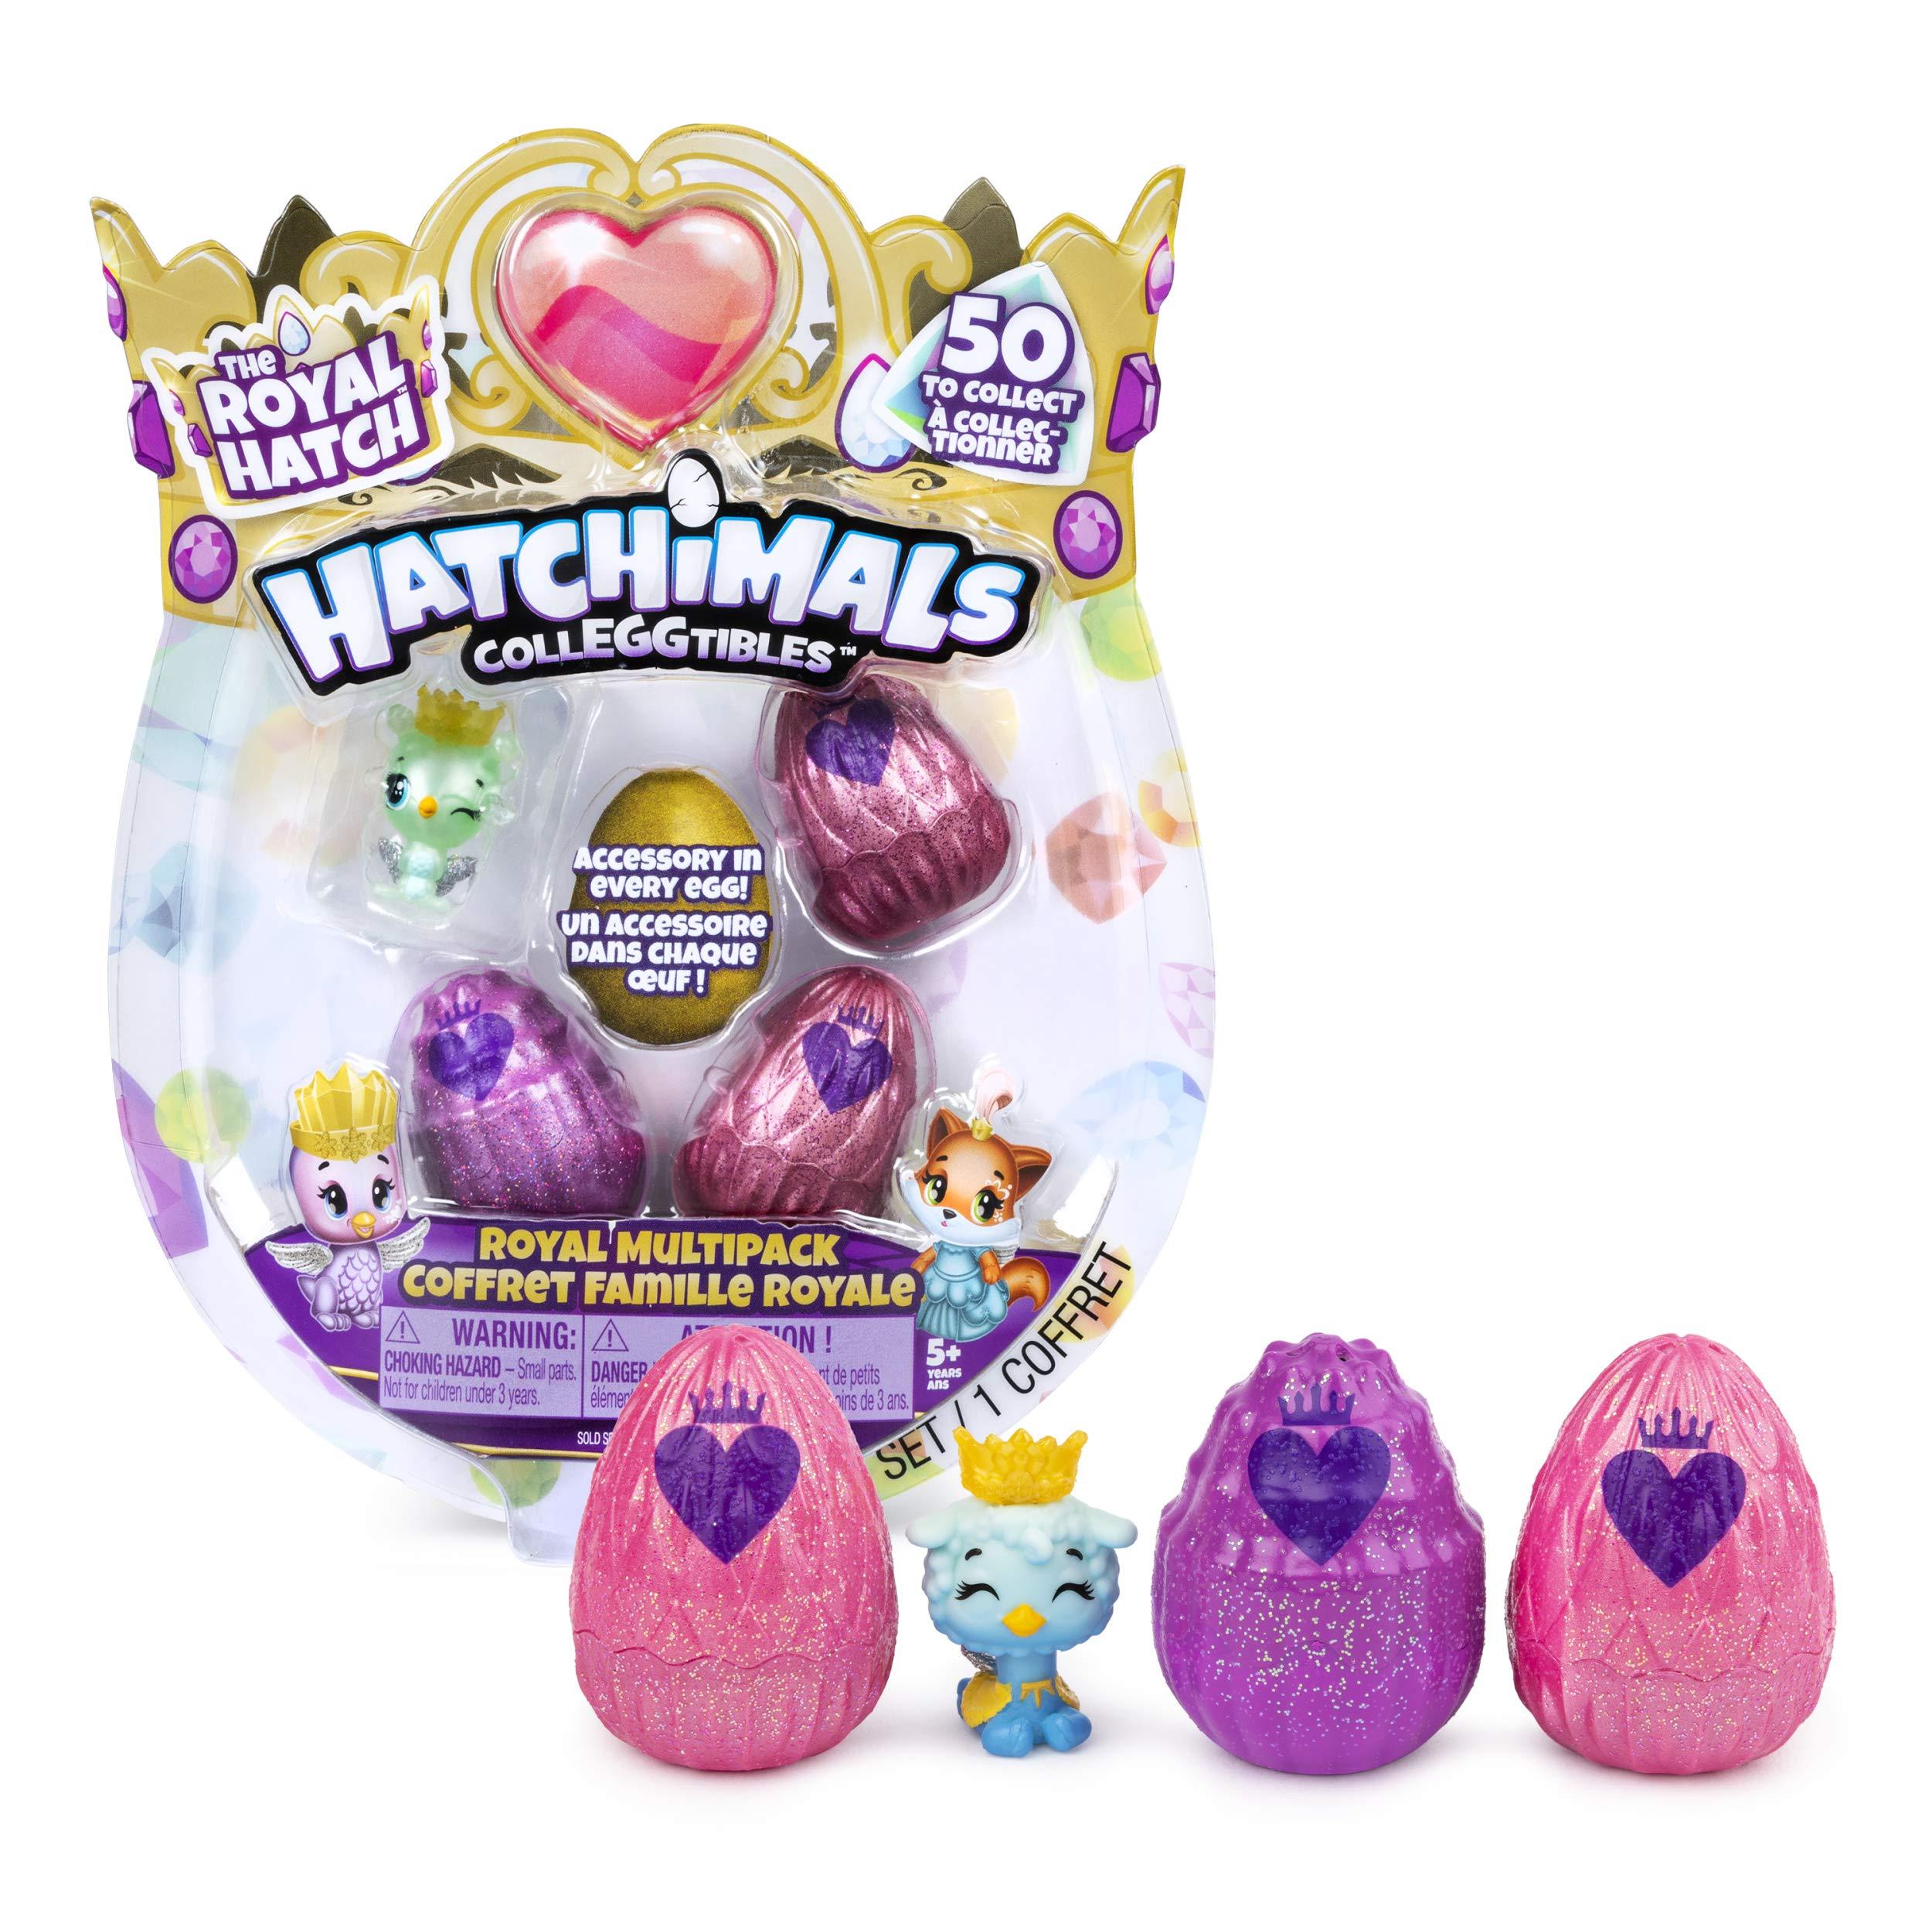 해치멀 콜레그터블 로얄 멀티팩 Hatchimals Colleggtibles, Royal Multipack with 4 & Accessories, For Kids Aged 5 & Up